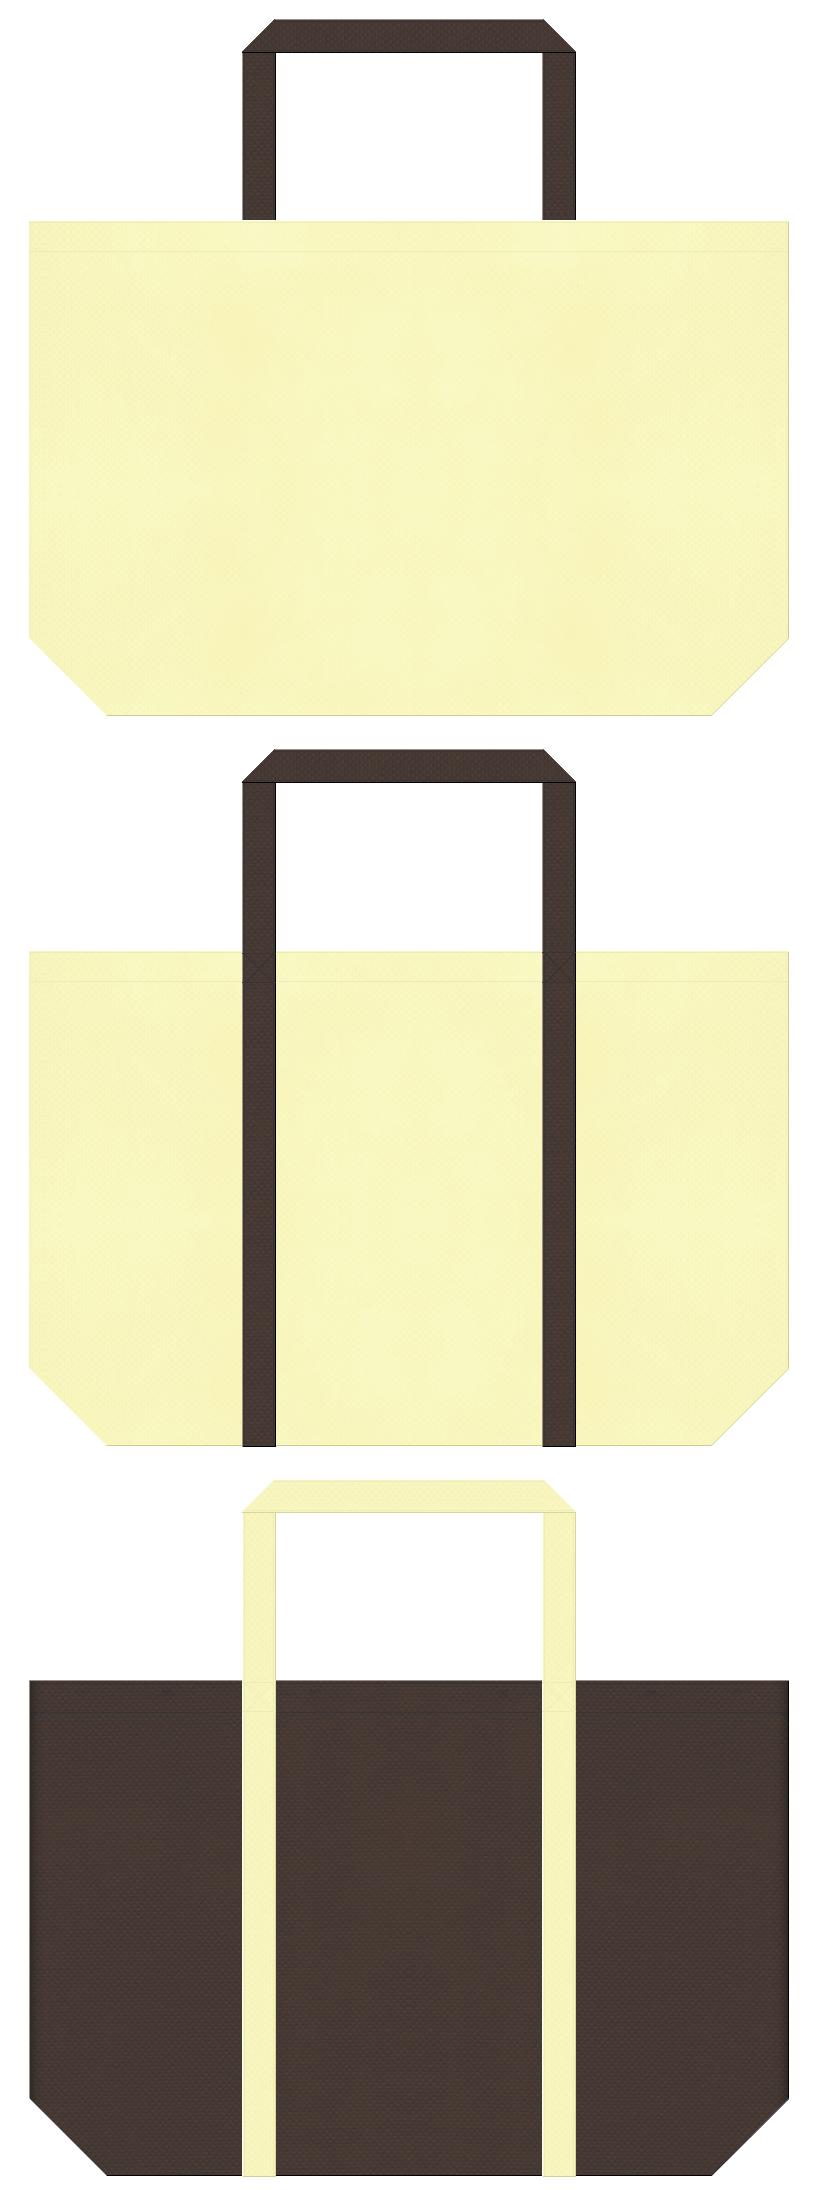 薄黄色とこげ茶色の不織布マイバッグデザイン。ベーカリーのショッピングバッグにお奨めです。麦わら帽子のイメージにも。